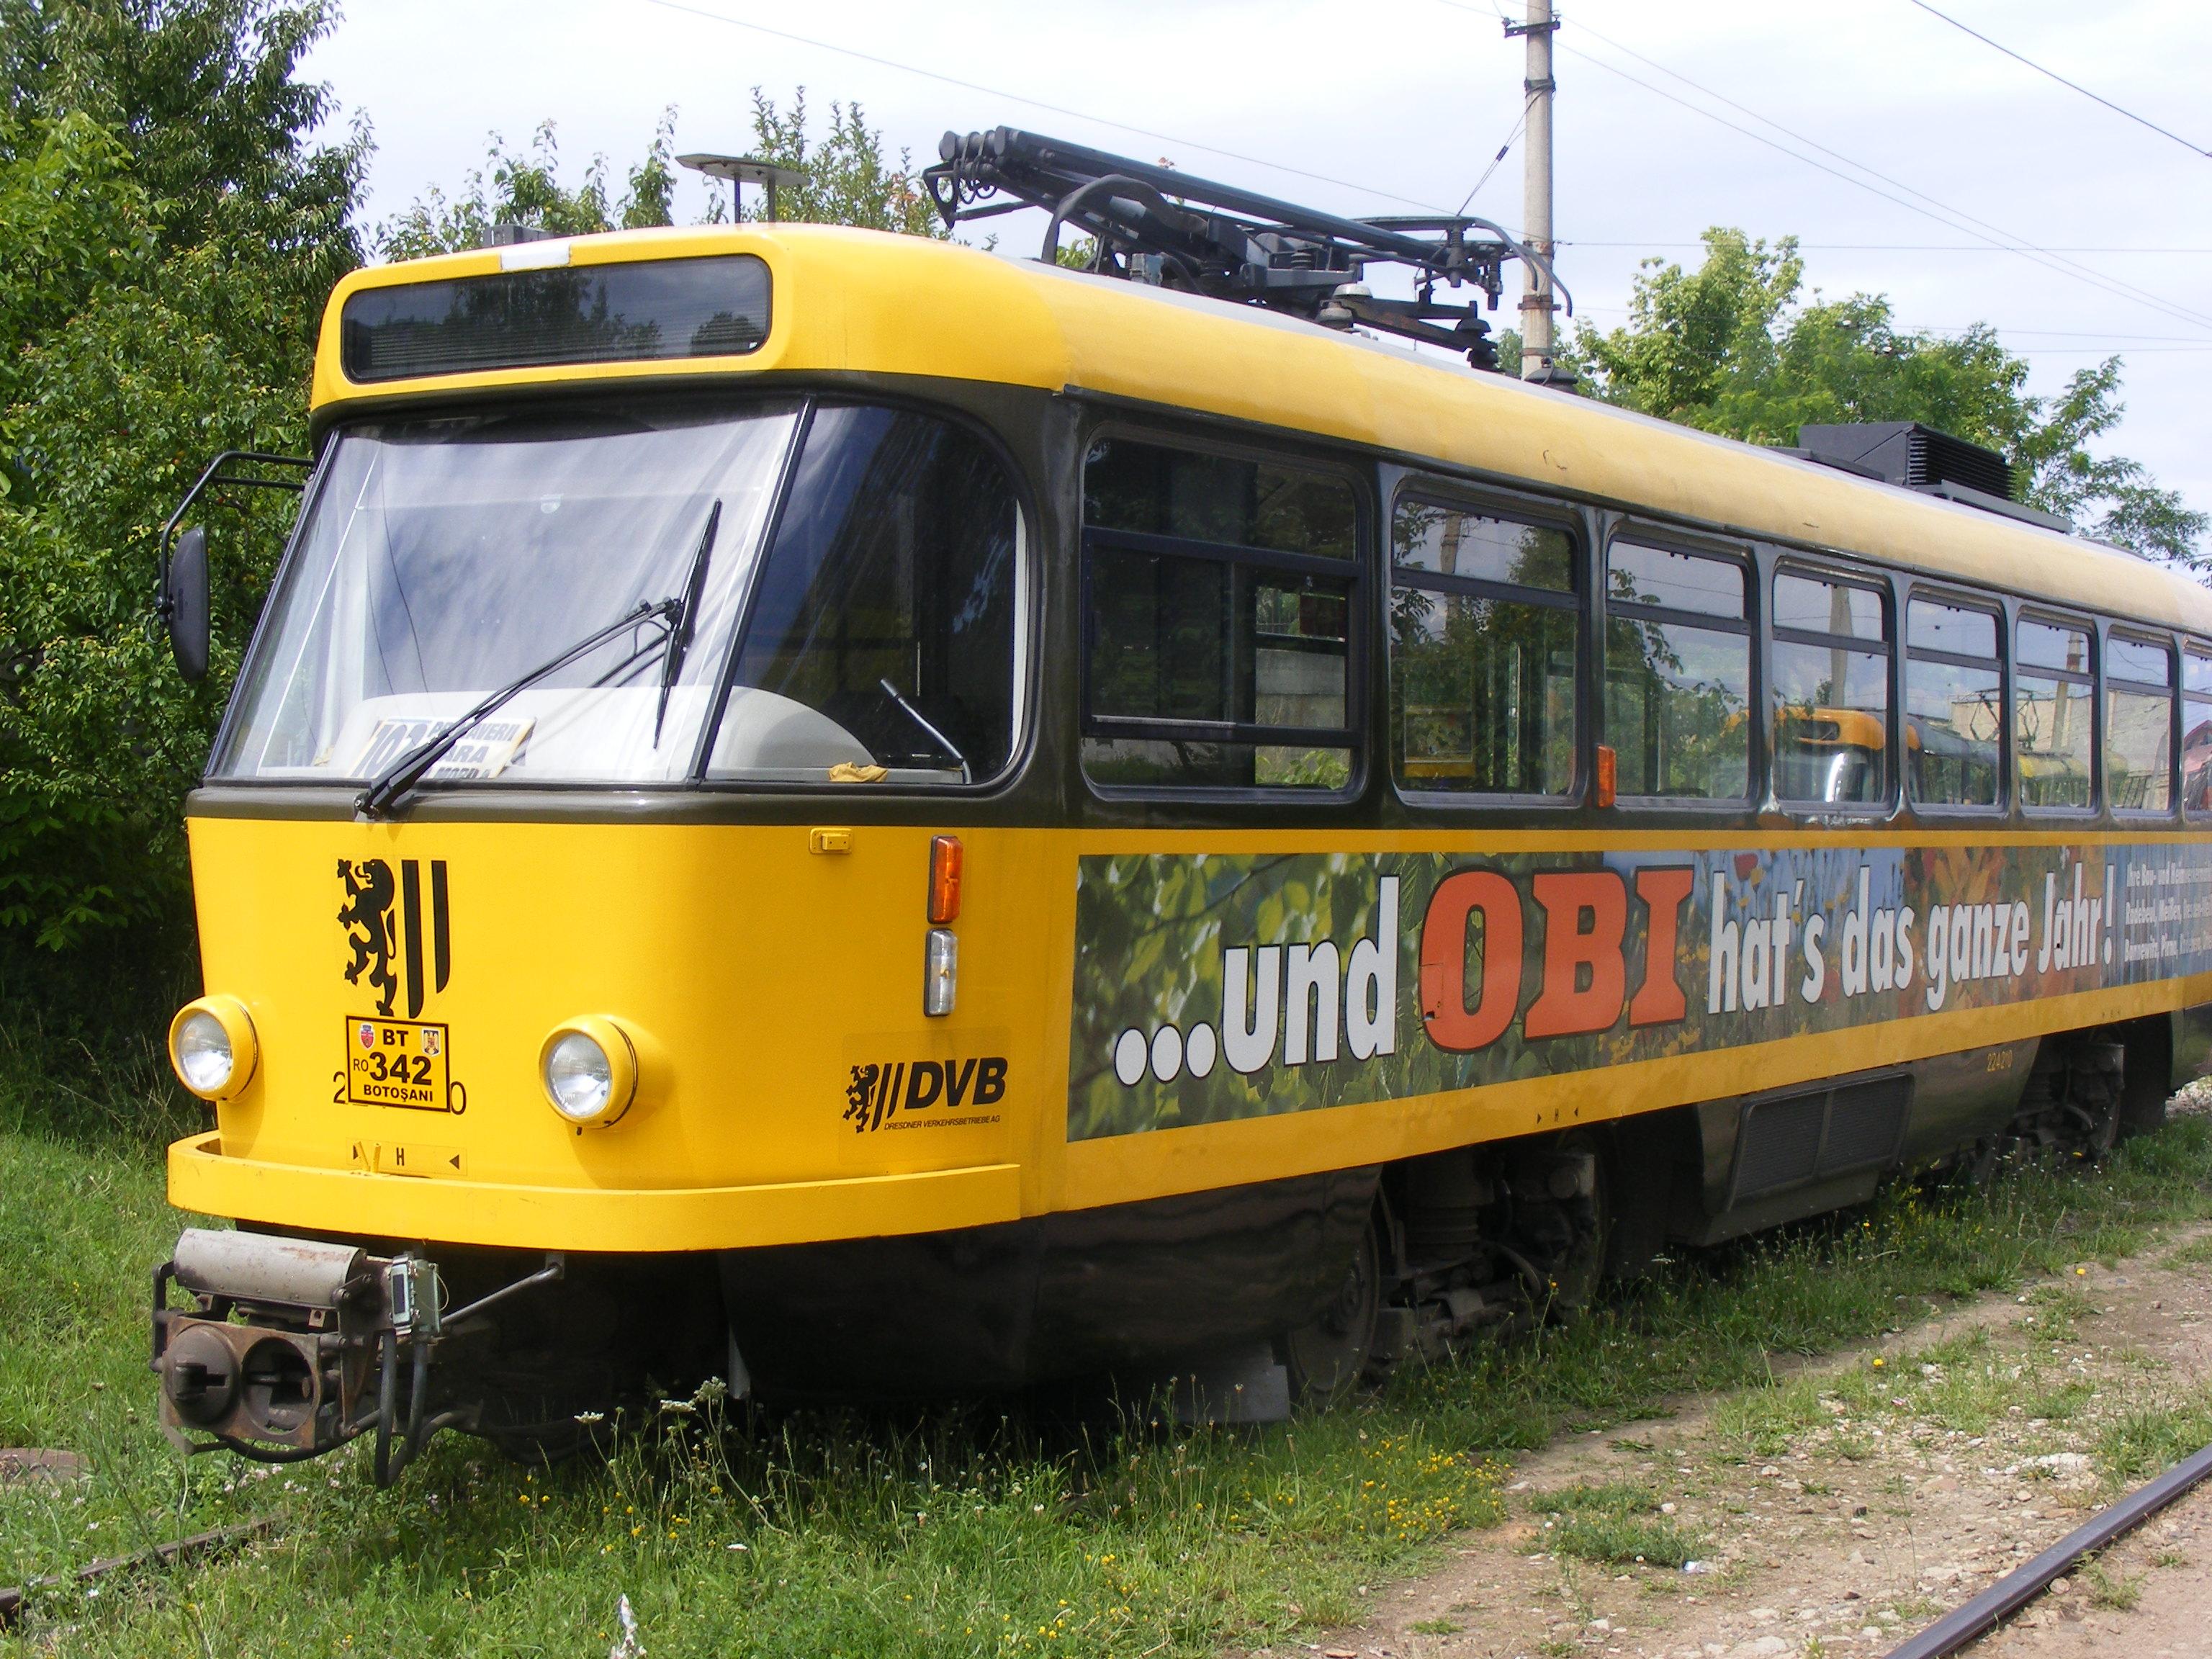 BTN-eltrans-tramvaie-3